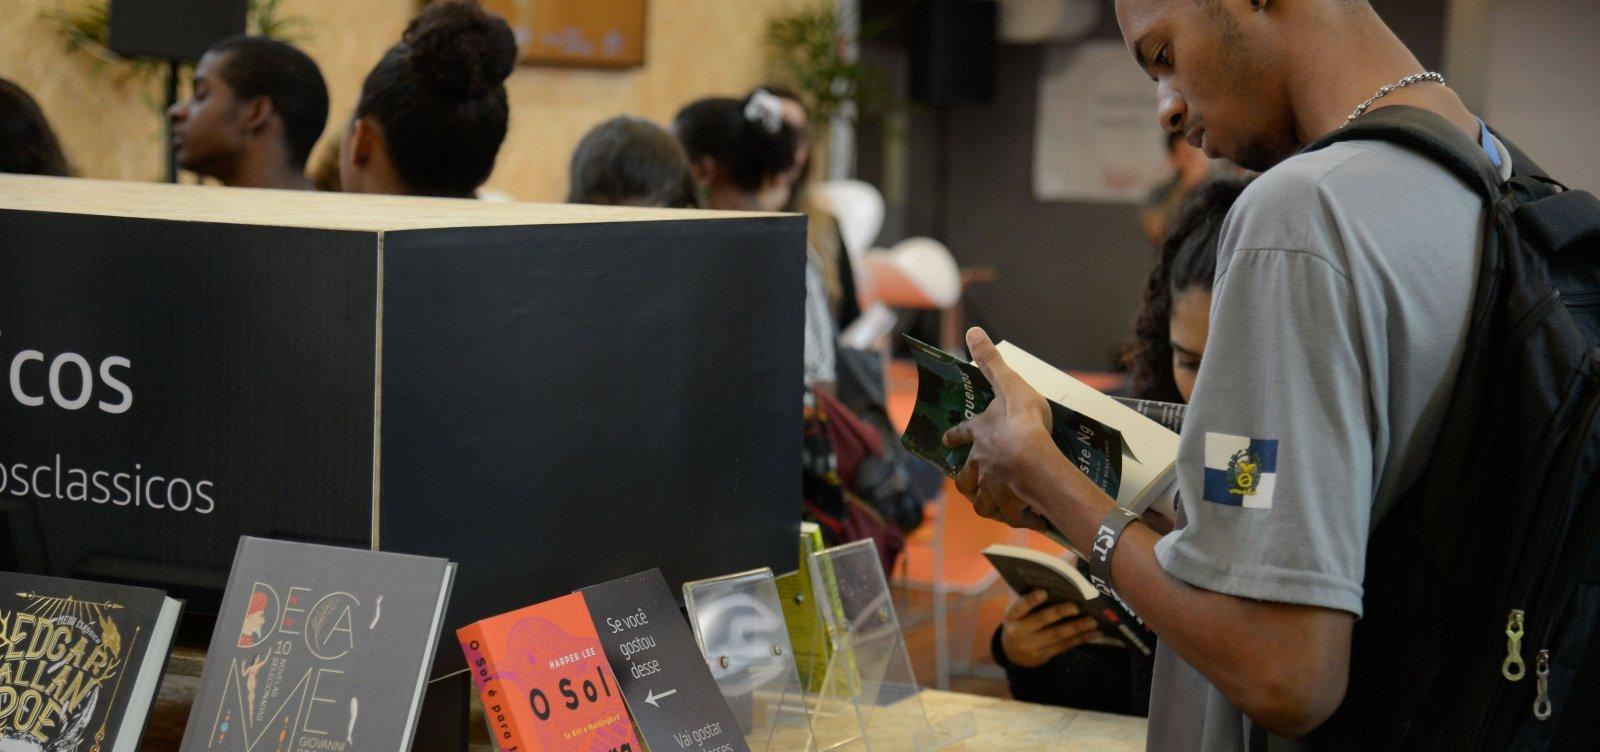 [Menos de 20% das cidades brasileiras têm livrarias, aponta IBGE]